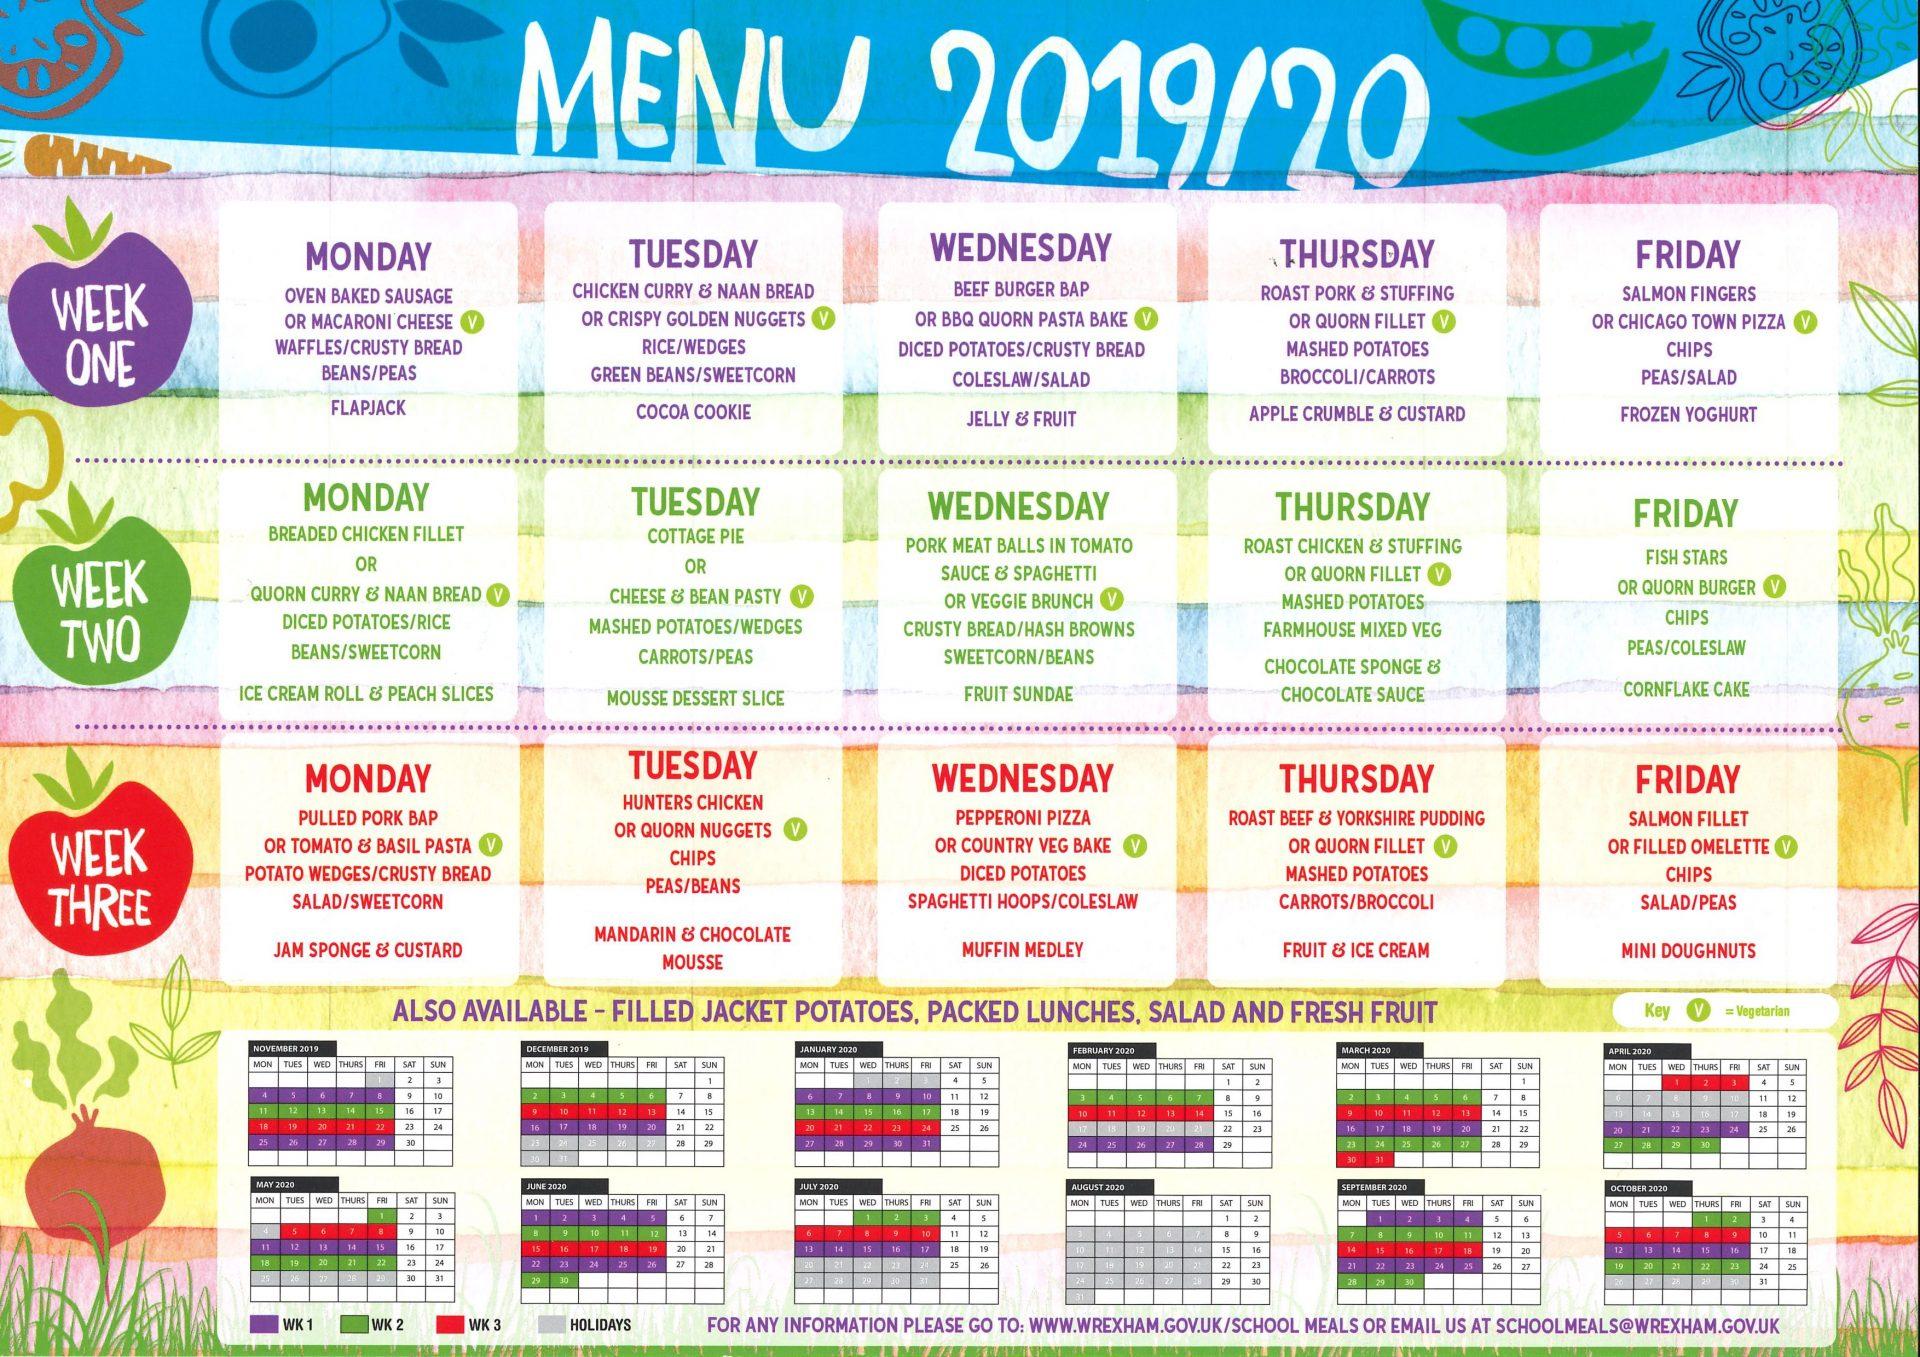 Dinner menu 19/20